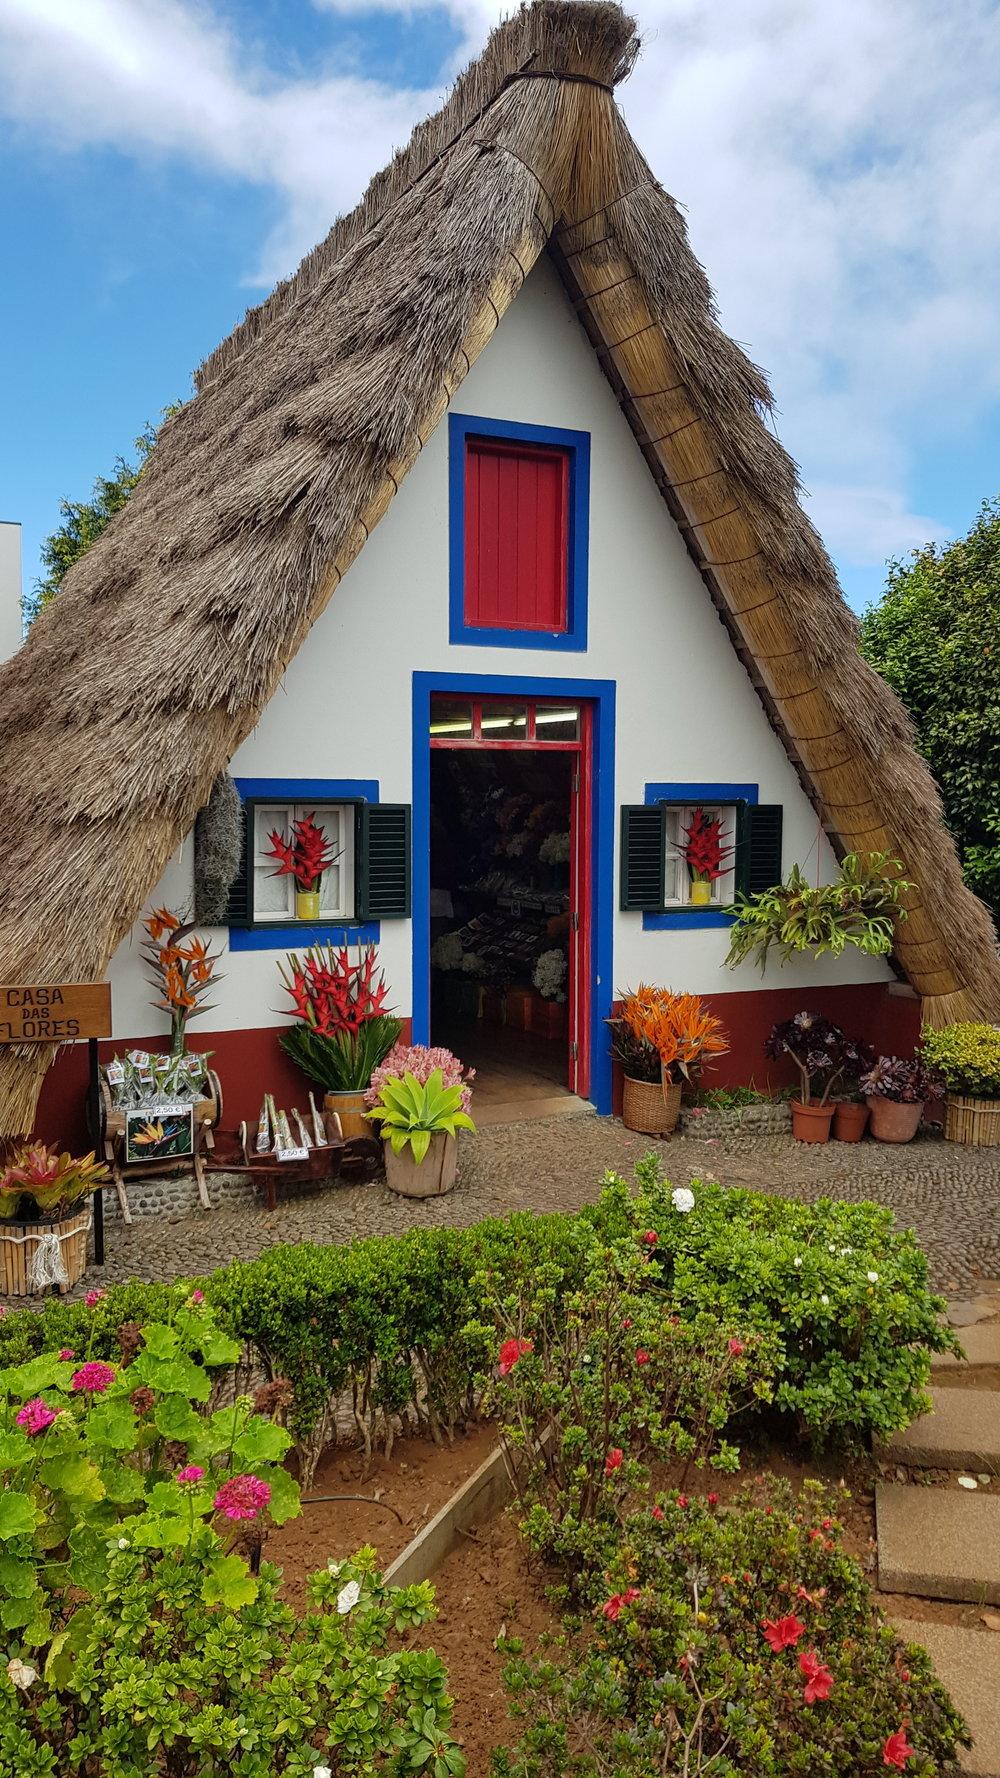 Tellement jolies et colorées, ces petites maisons sont adorables !